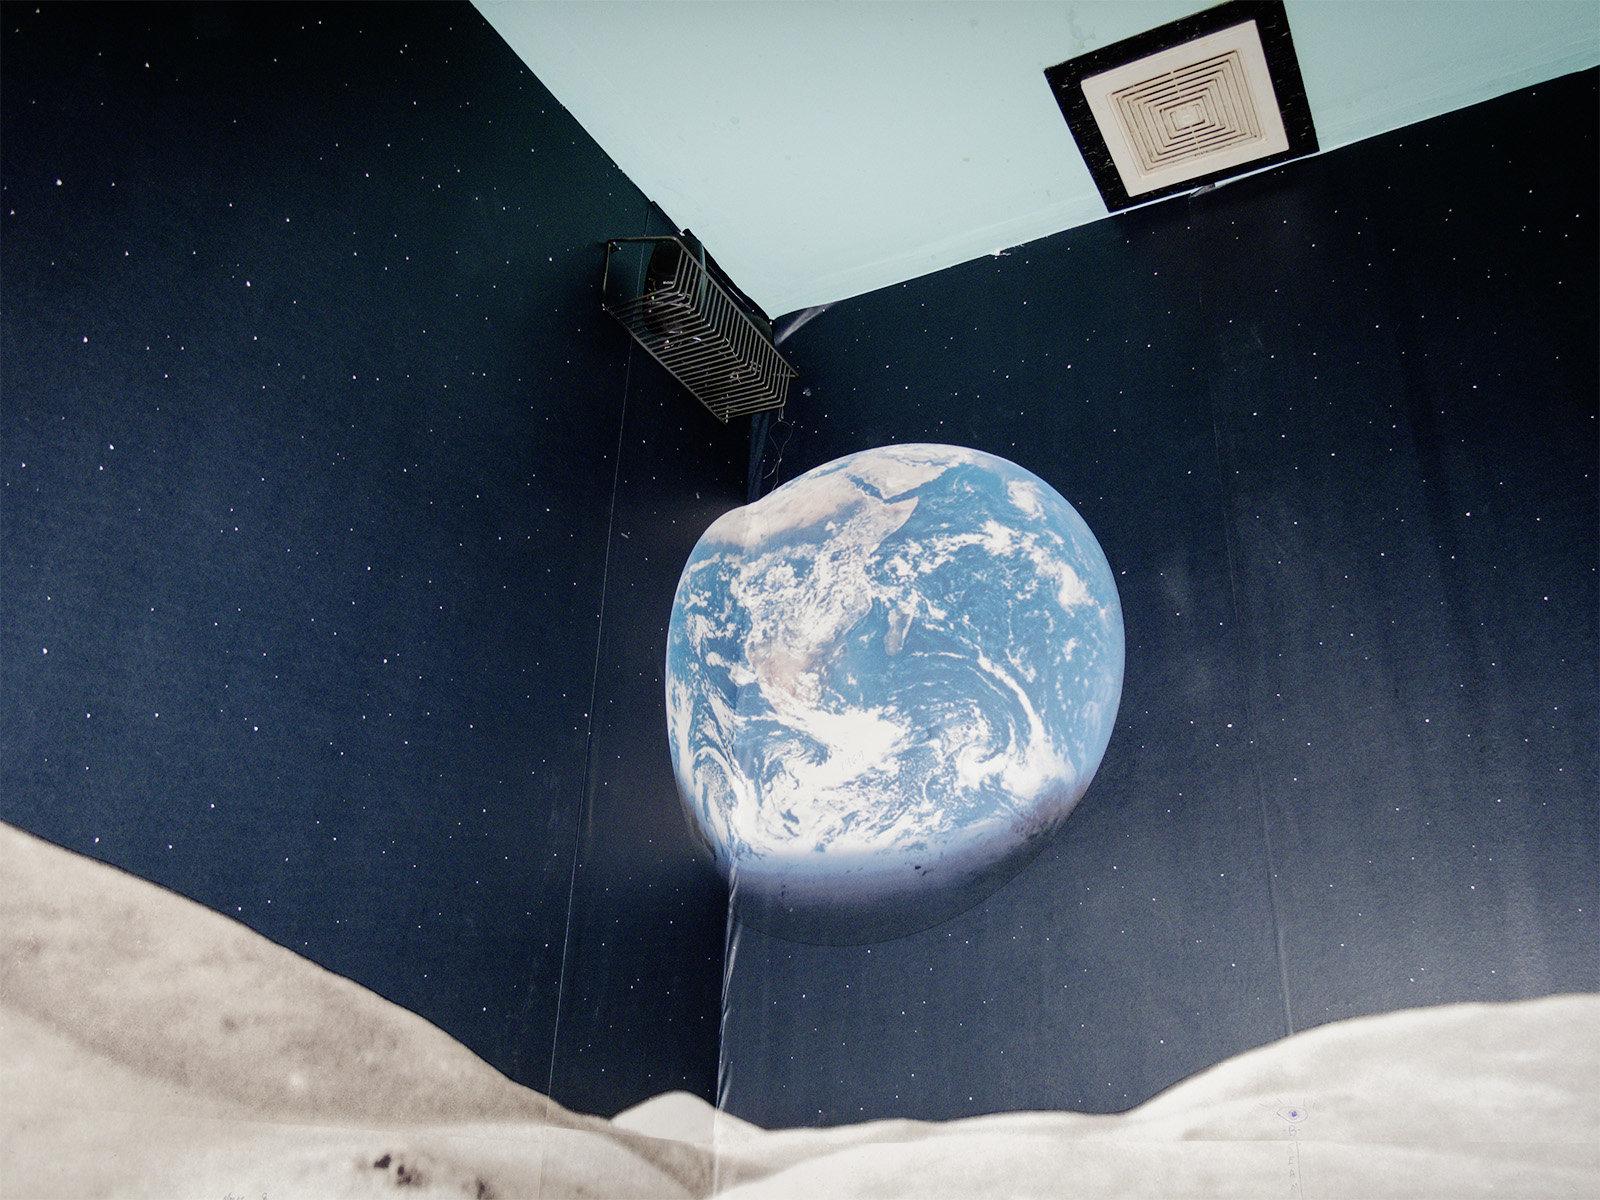 Weltraumtapete (Foto: Maury Gortemiller) (Maury Gortemiller)